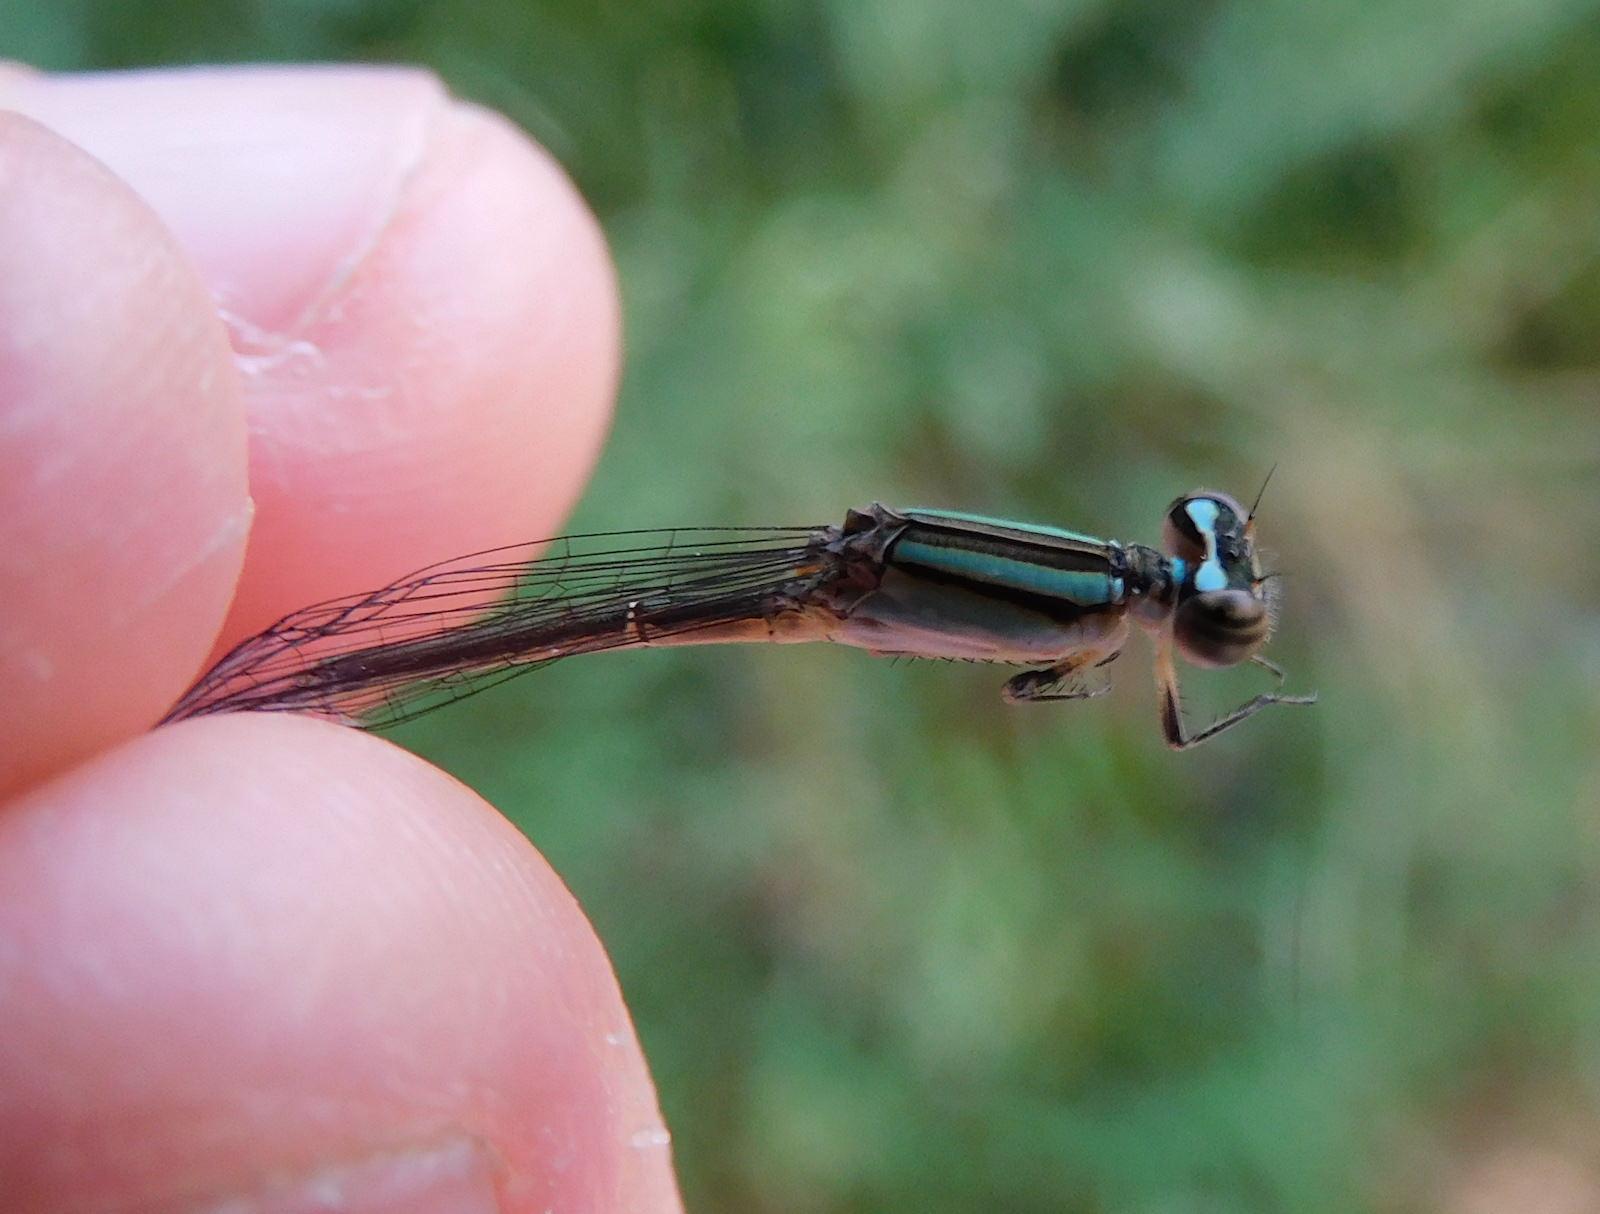 ホソミイトトンボ〜ライトブルーとエメラルドグリーンの鮮やかな色!成虫のまま越冬する珍しいトンボ